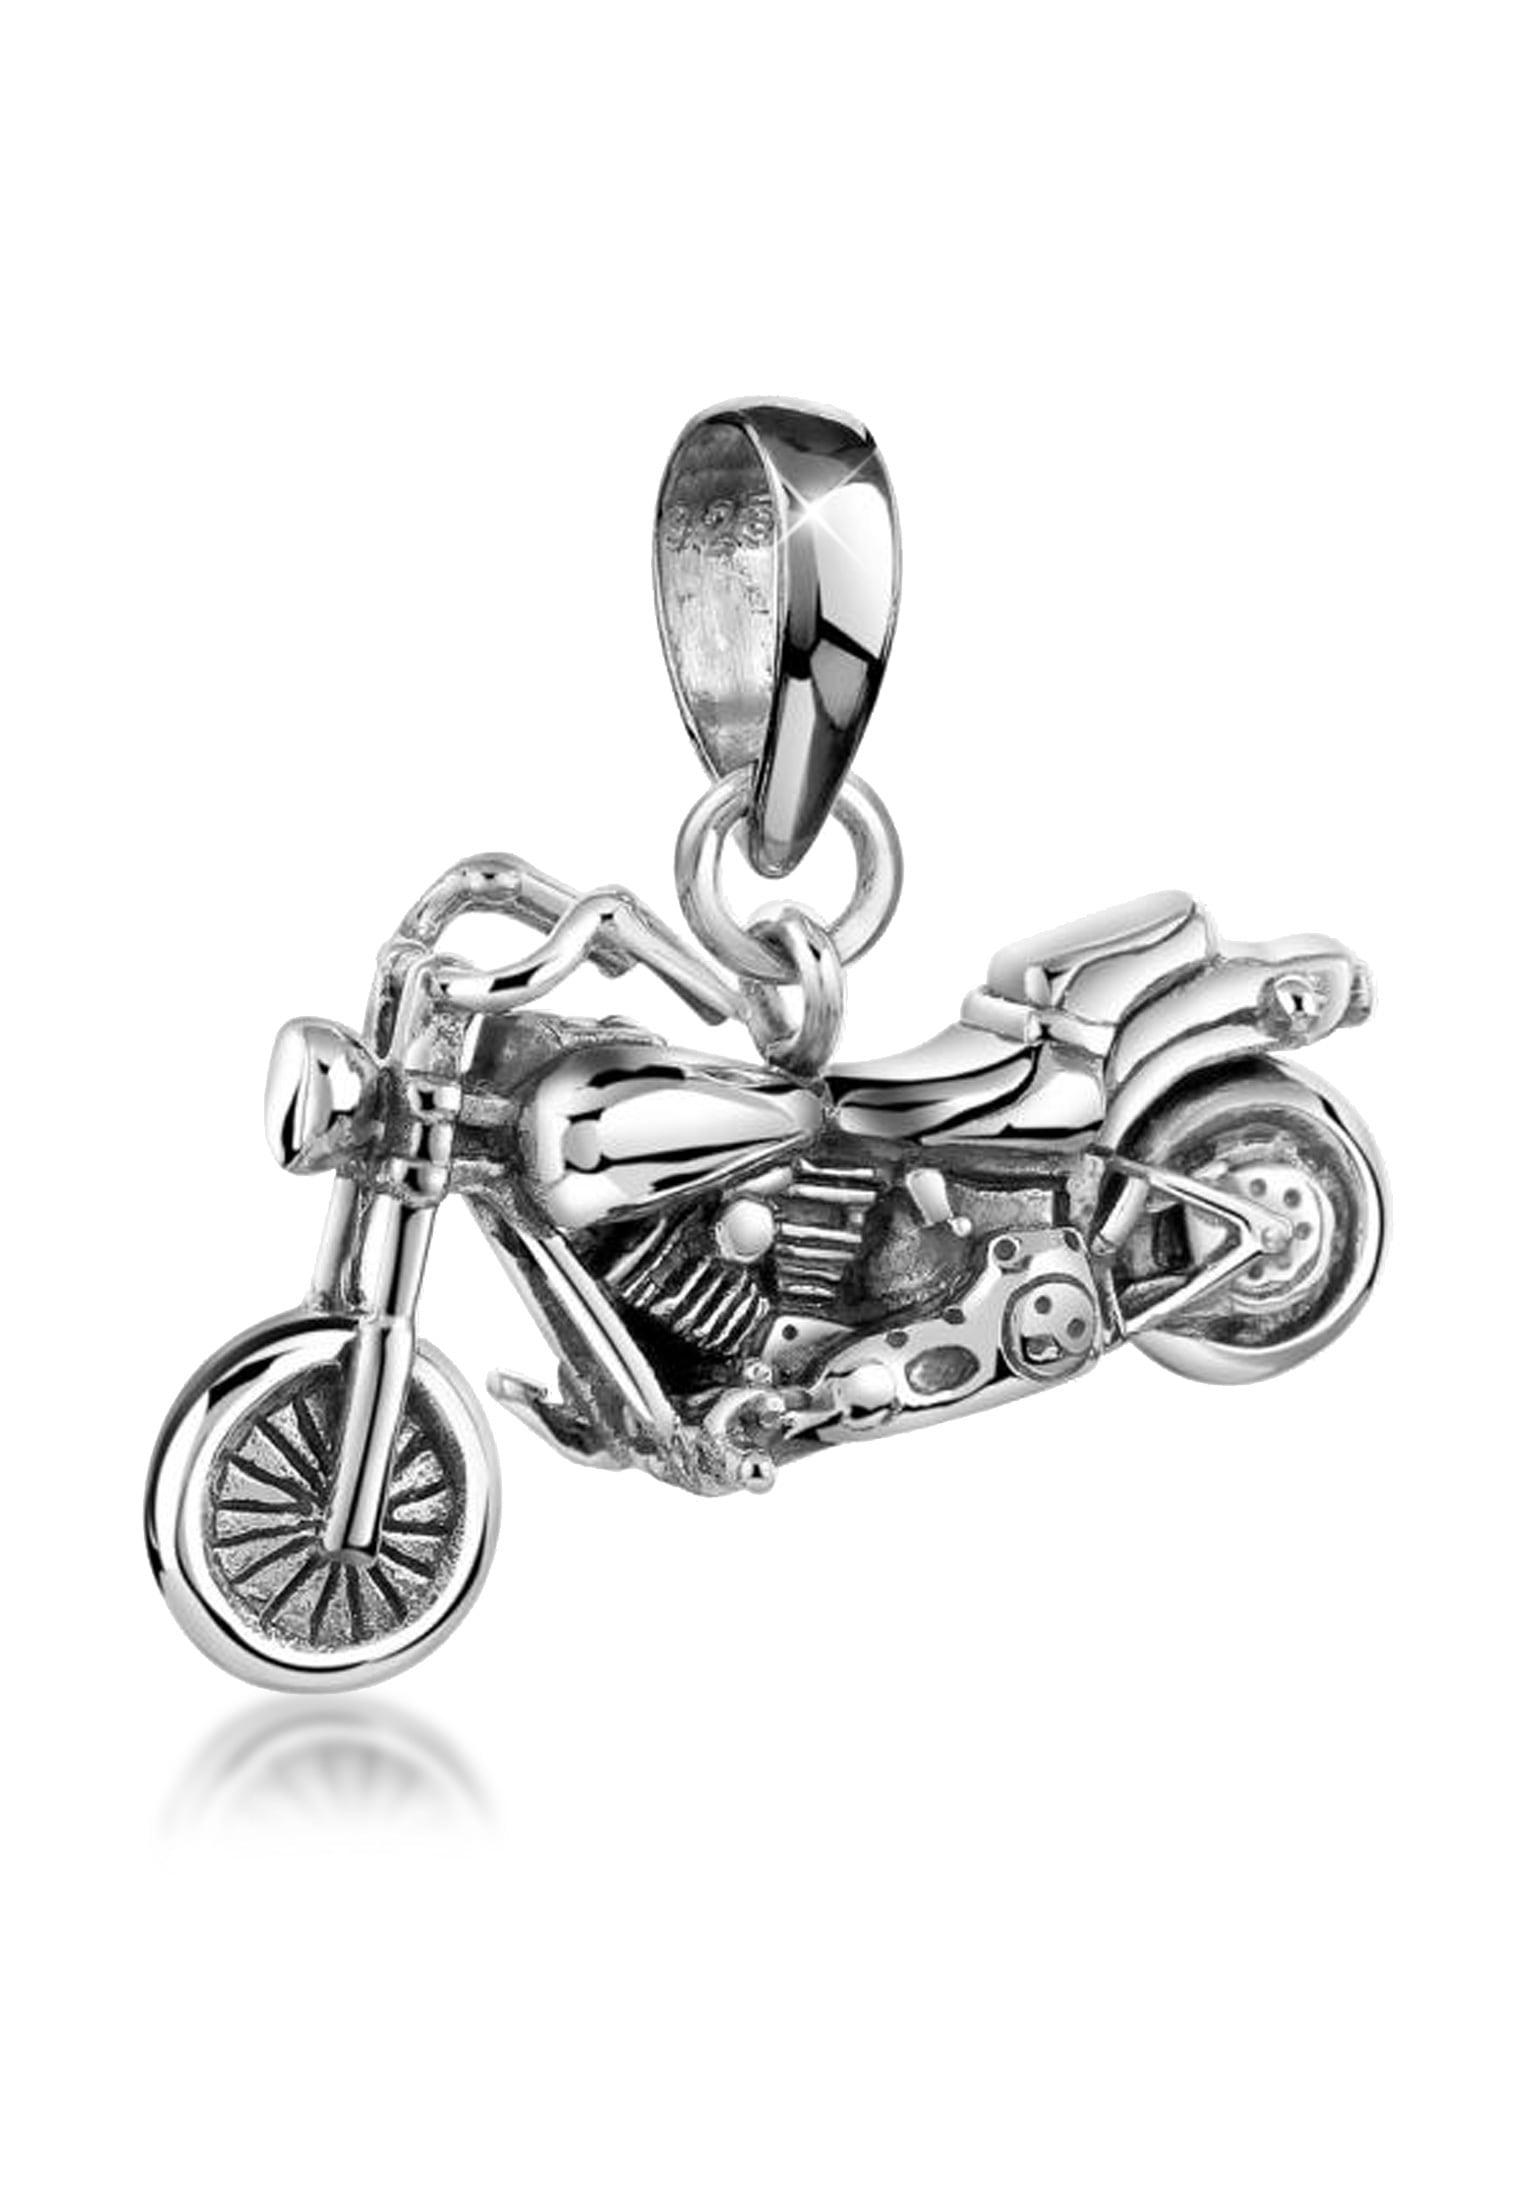 Kuzzoi Kettenanhänger Herren Motorrad Bike Kettenanhänger 925er Silber | Schmuck > Halsketten > Ketten ohne Anhänger | Kuzzoi